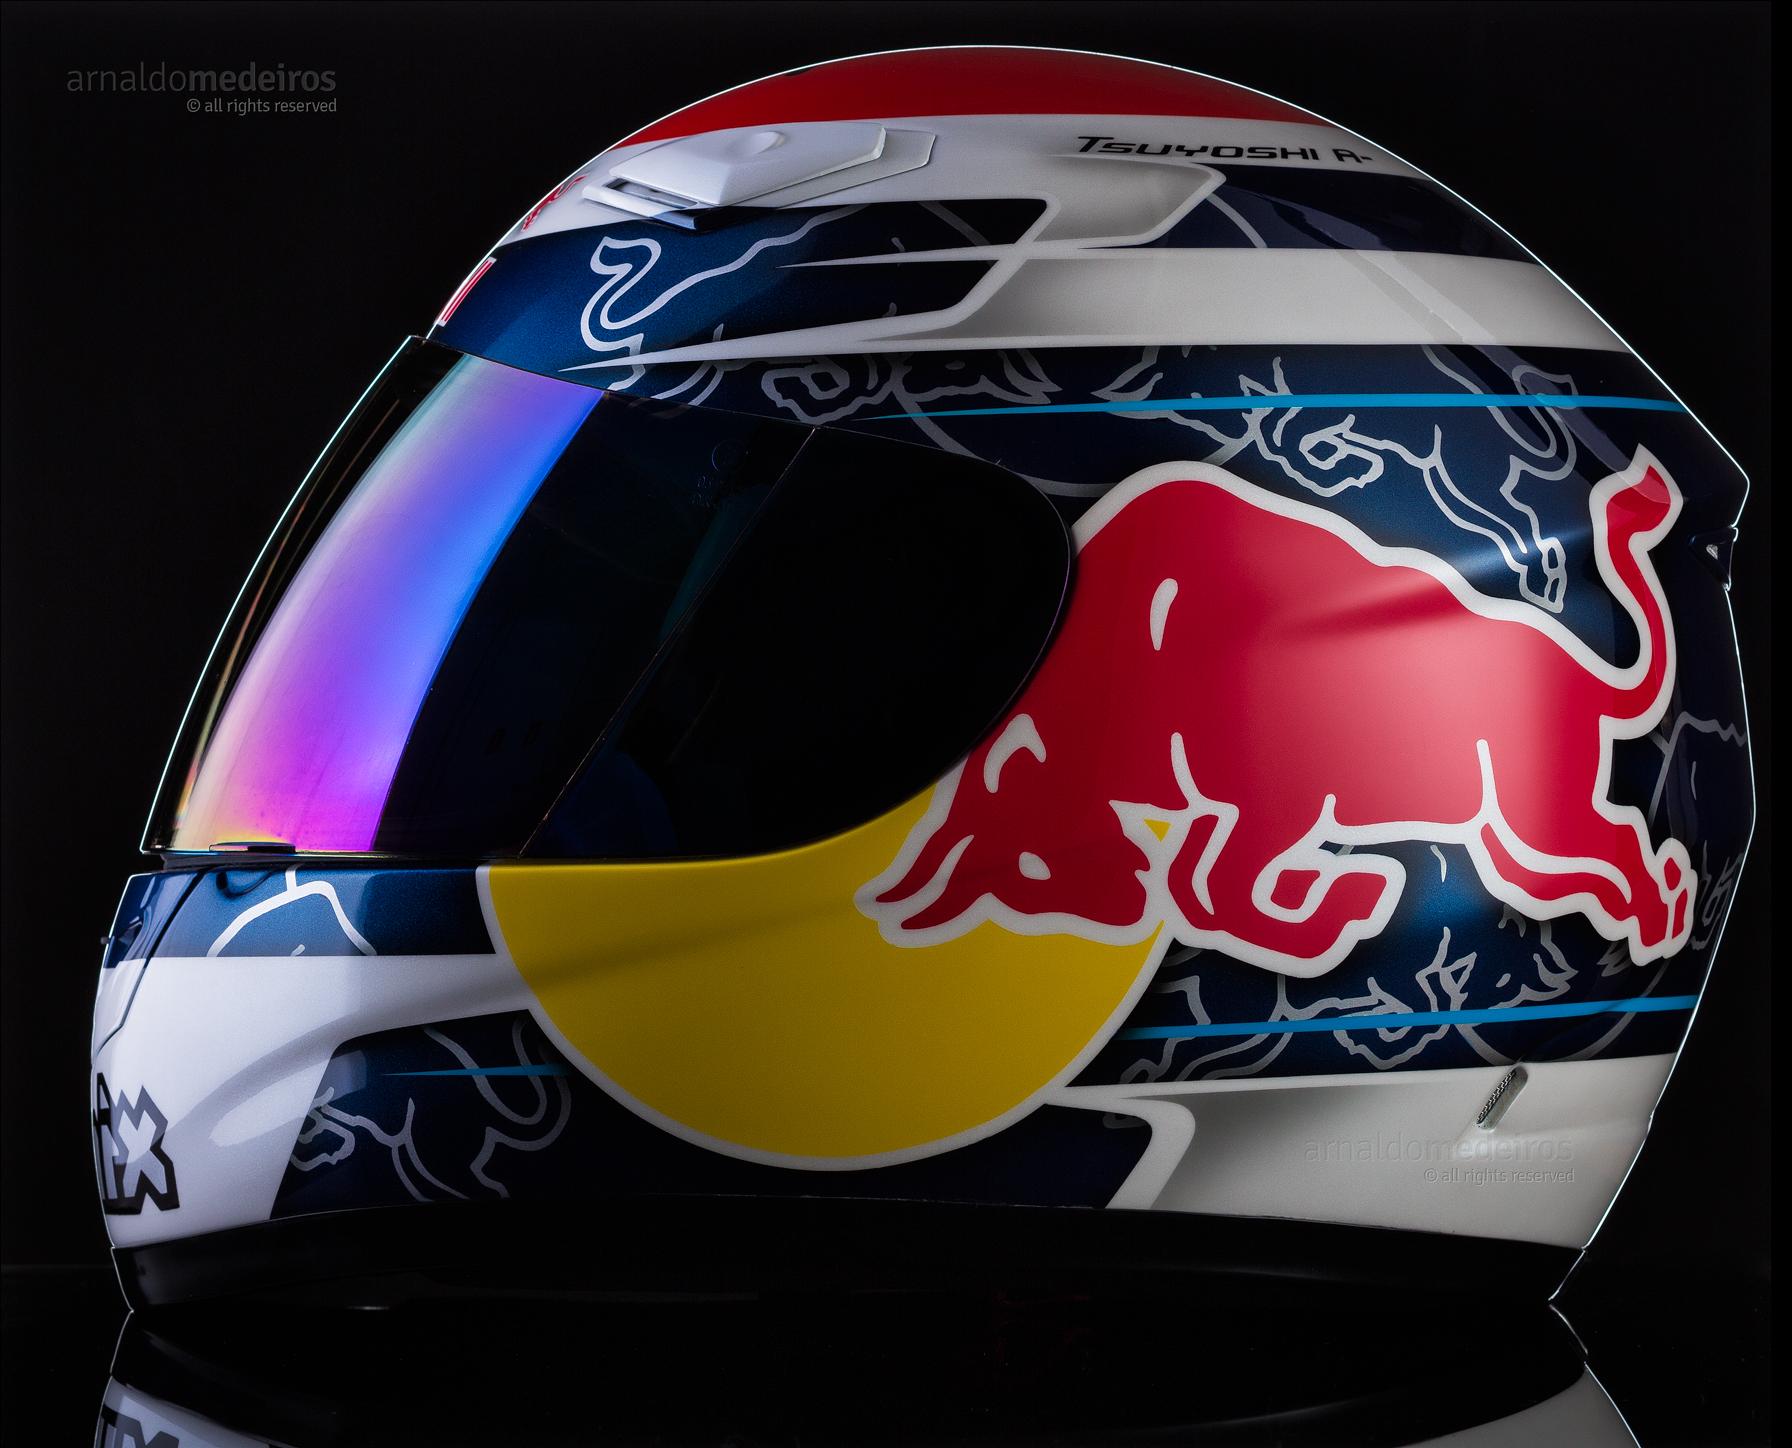 helmet-091-naruke.jpg